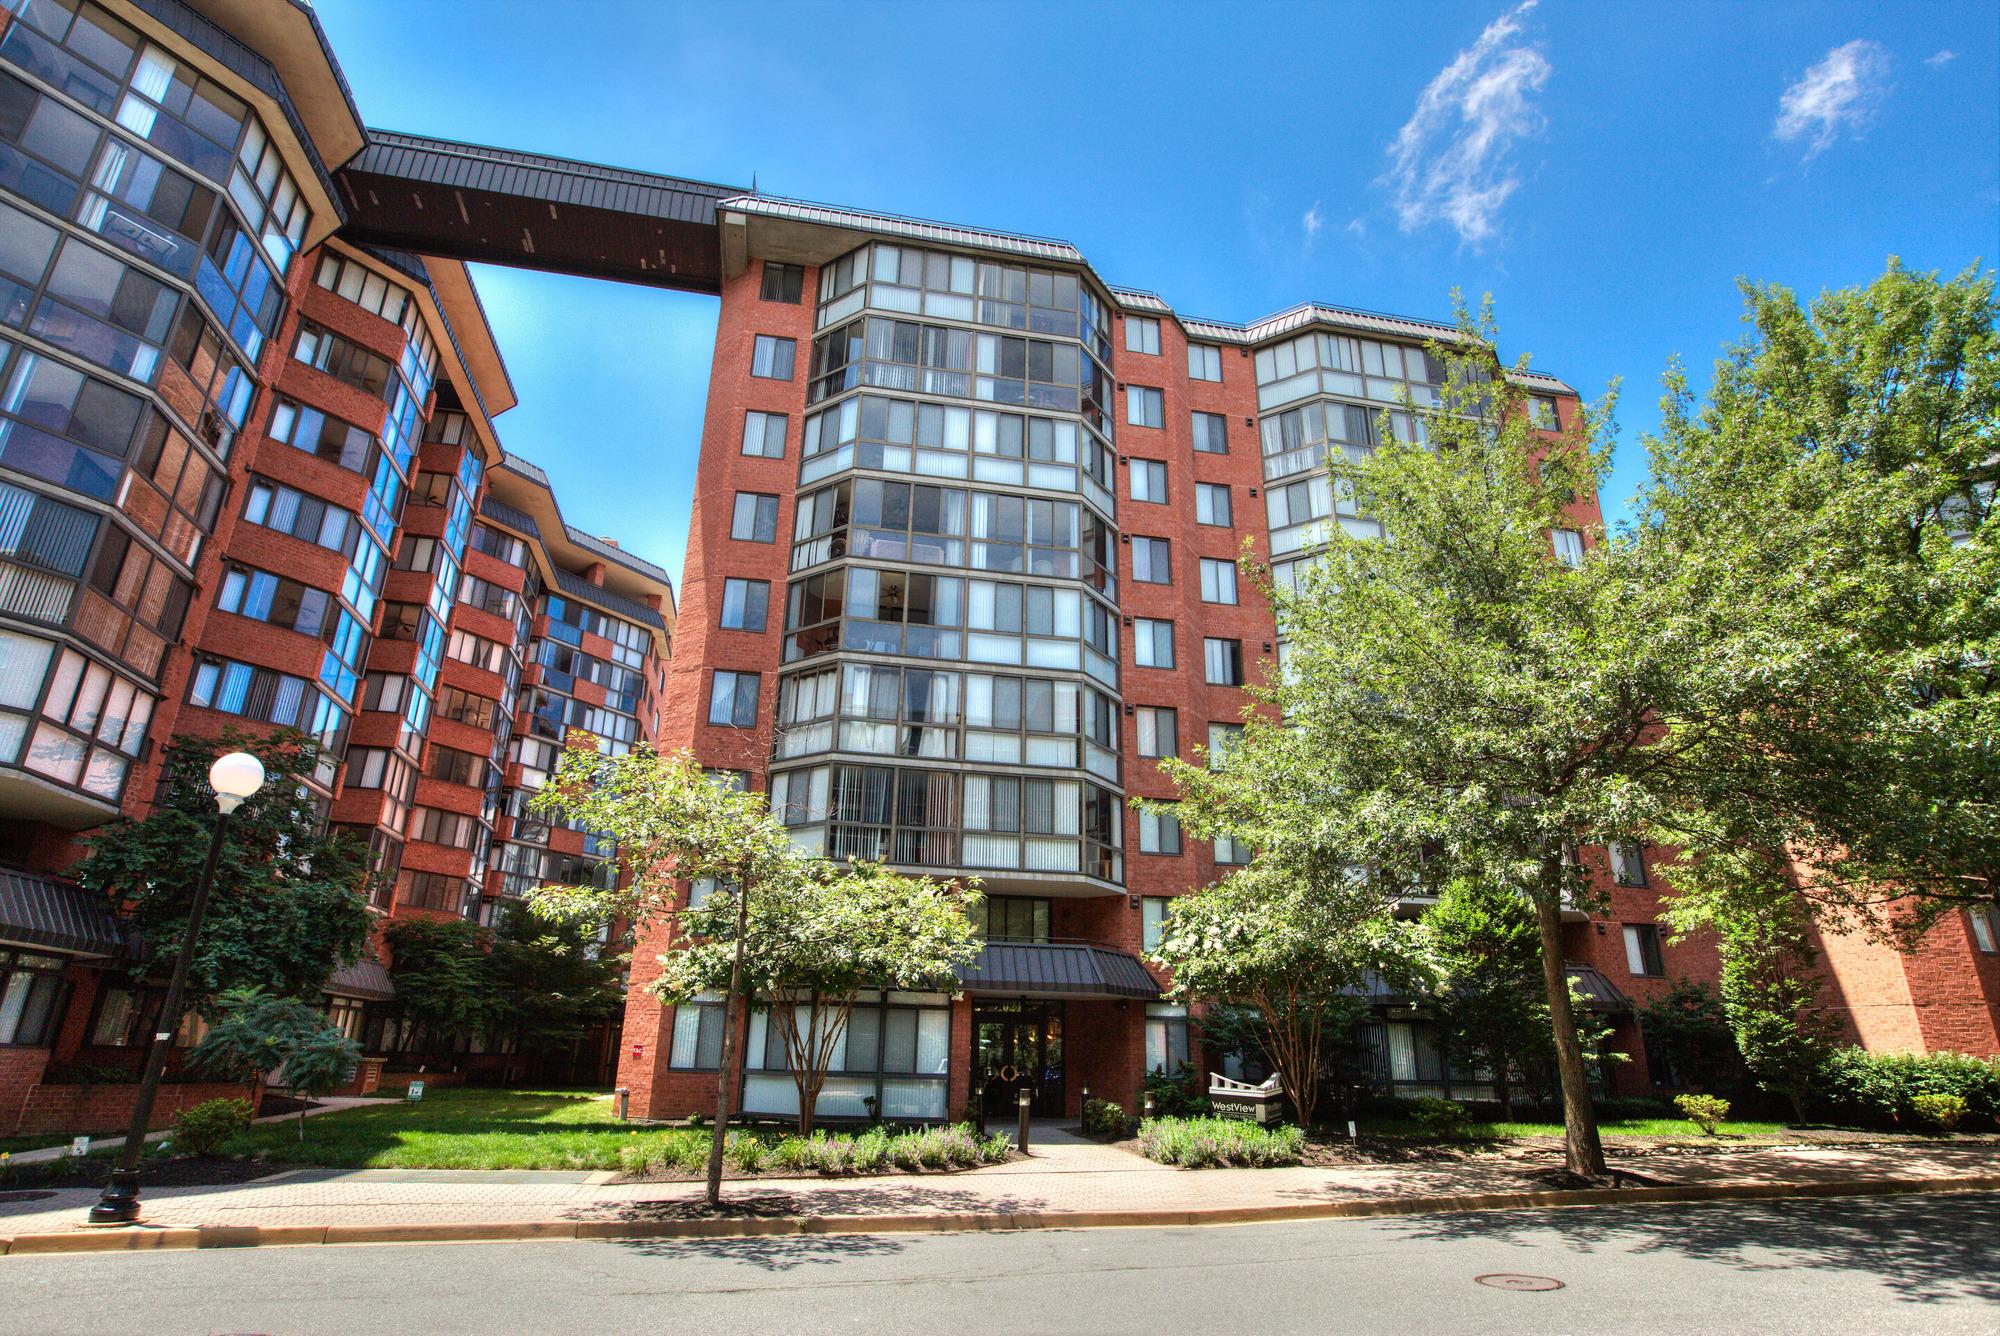 Westview at Ballston - #1 Condo Site in Arlington